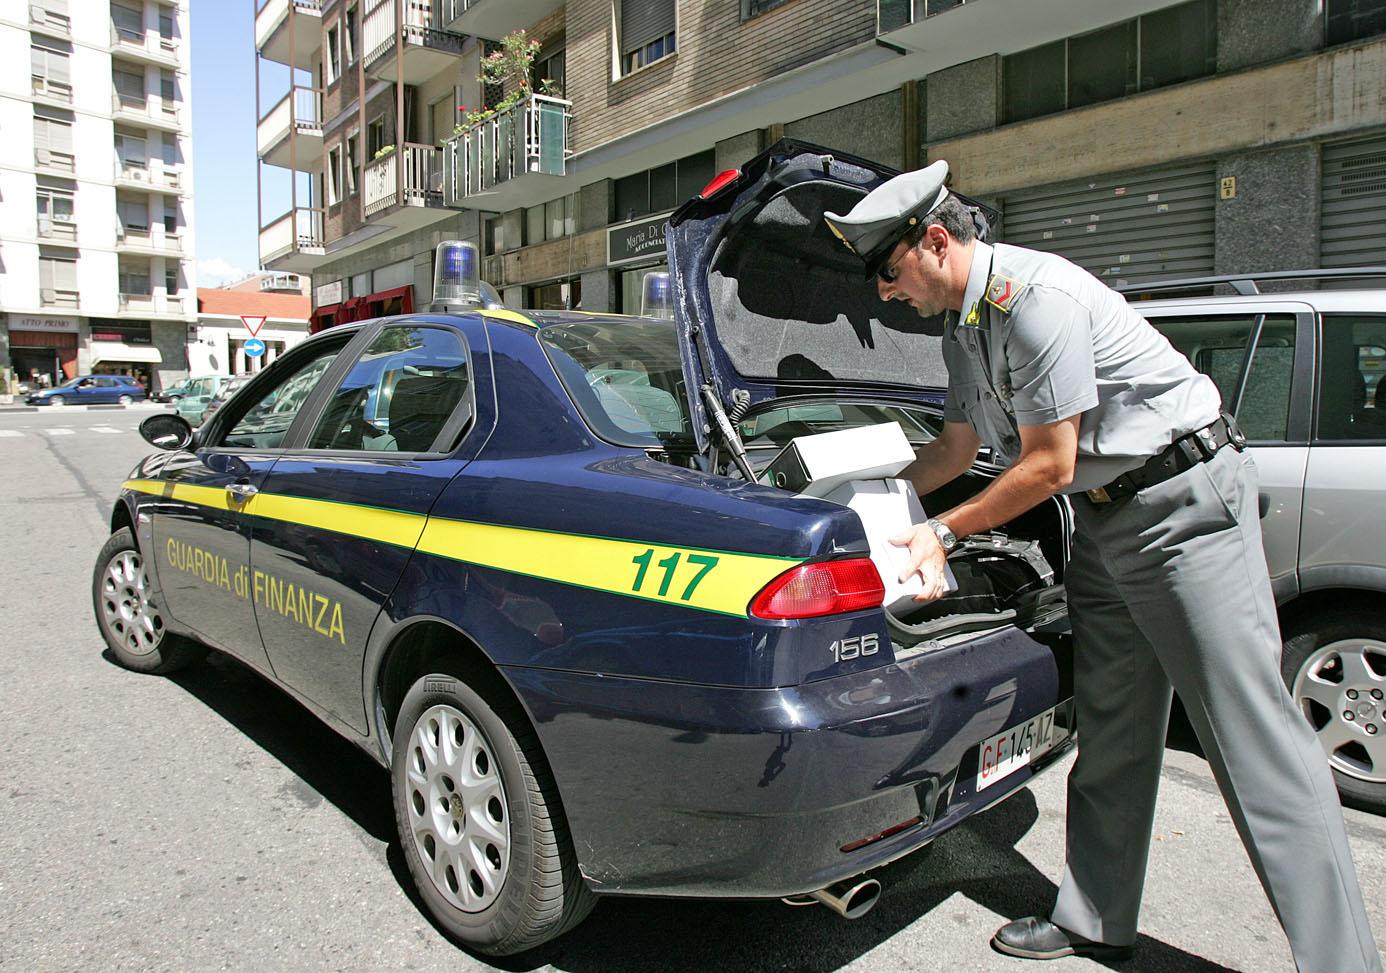 Fisco: imprenditore evasore nel Catanese, scatta il sequestro